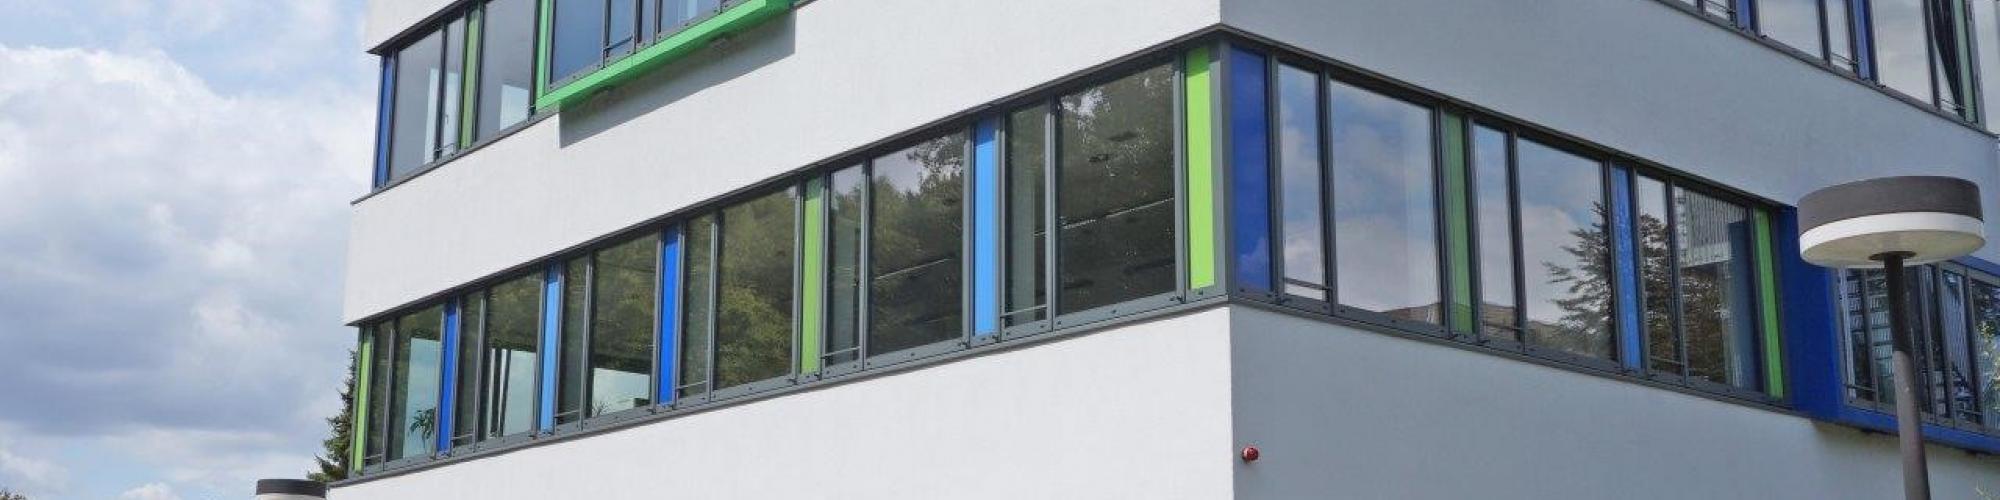 Berufliches Trainingszentrum Dortmund